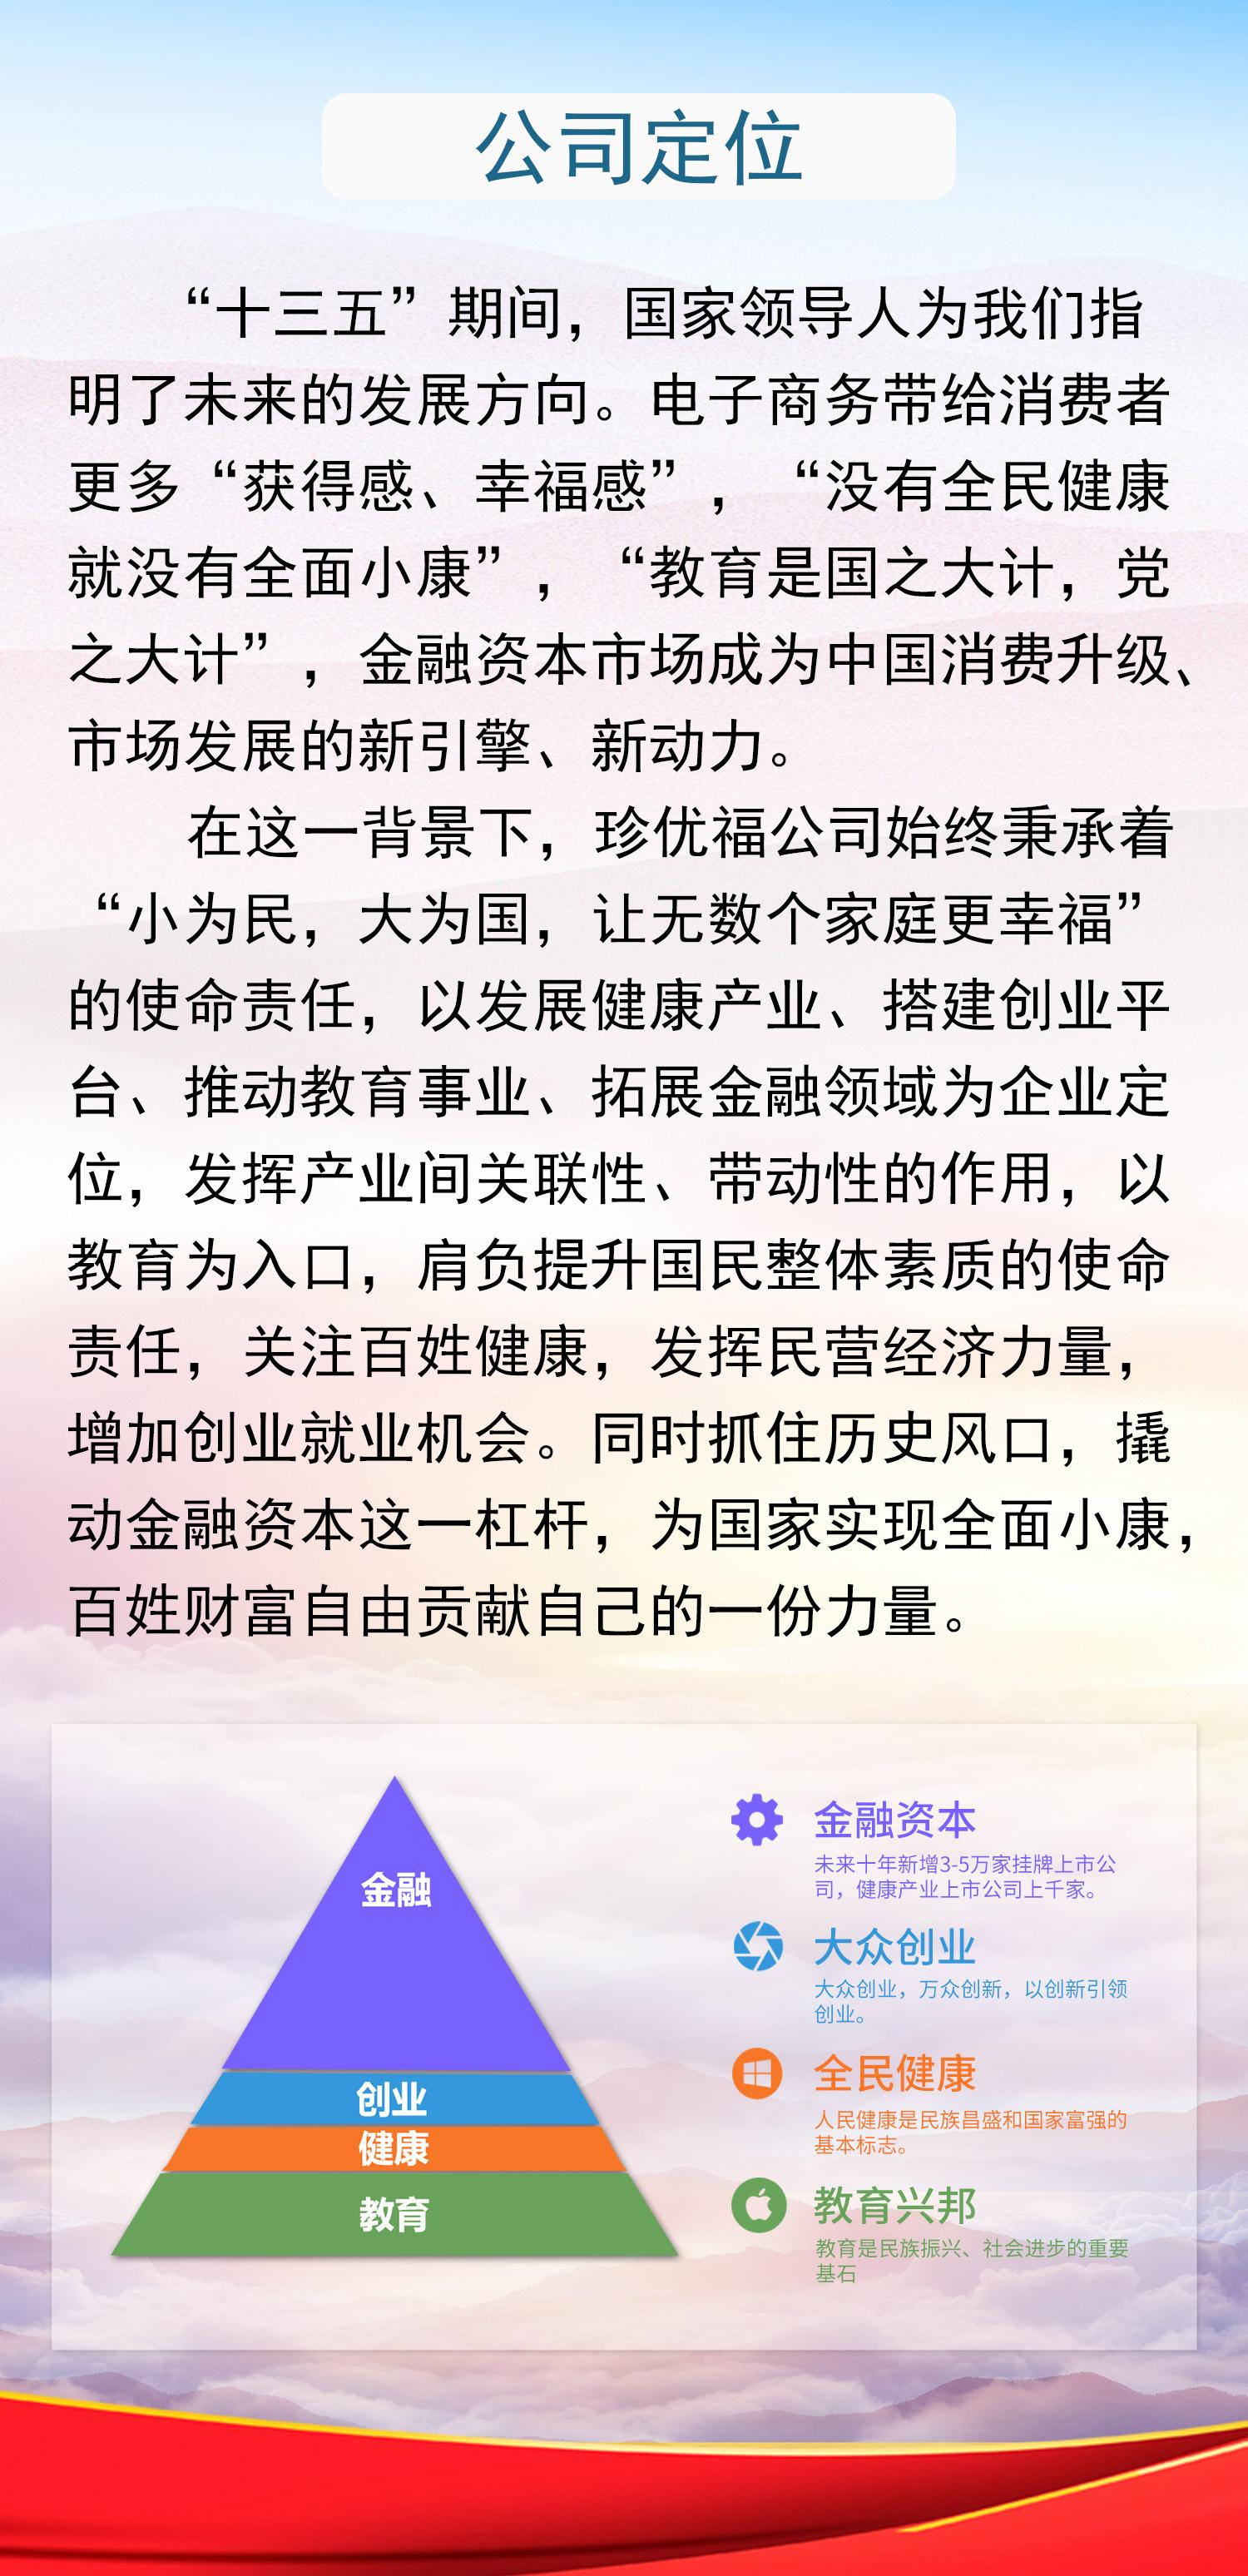 http://image.zhenyoufu.com.cn/shop/article/06711082925352161.jpg